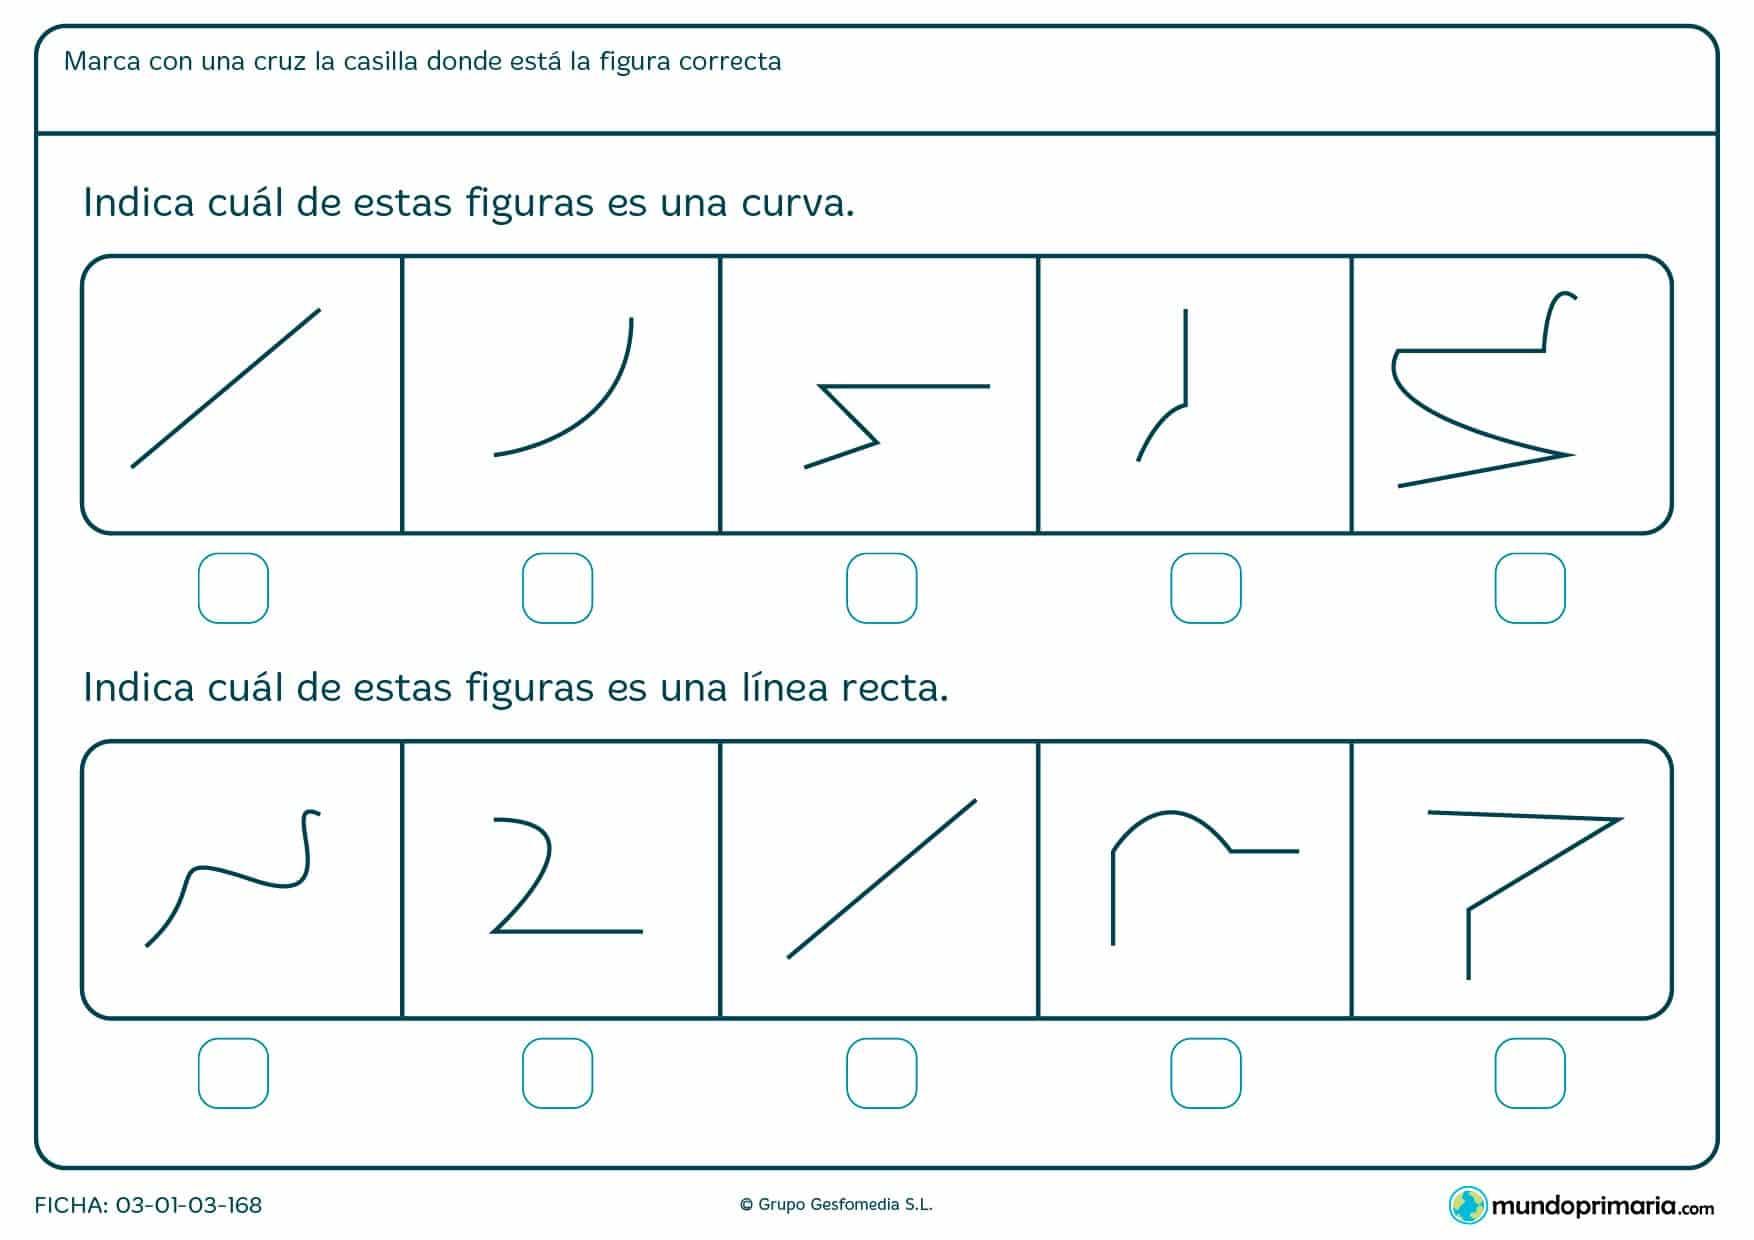 Ficha de líneas para primaria: Puedes descargar estas fichas de líneas para imprimir gratis